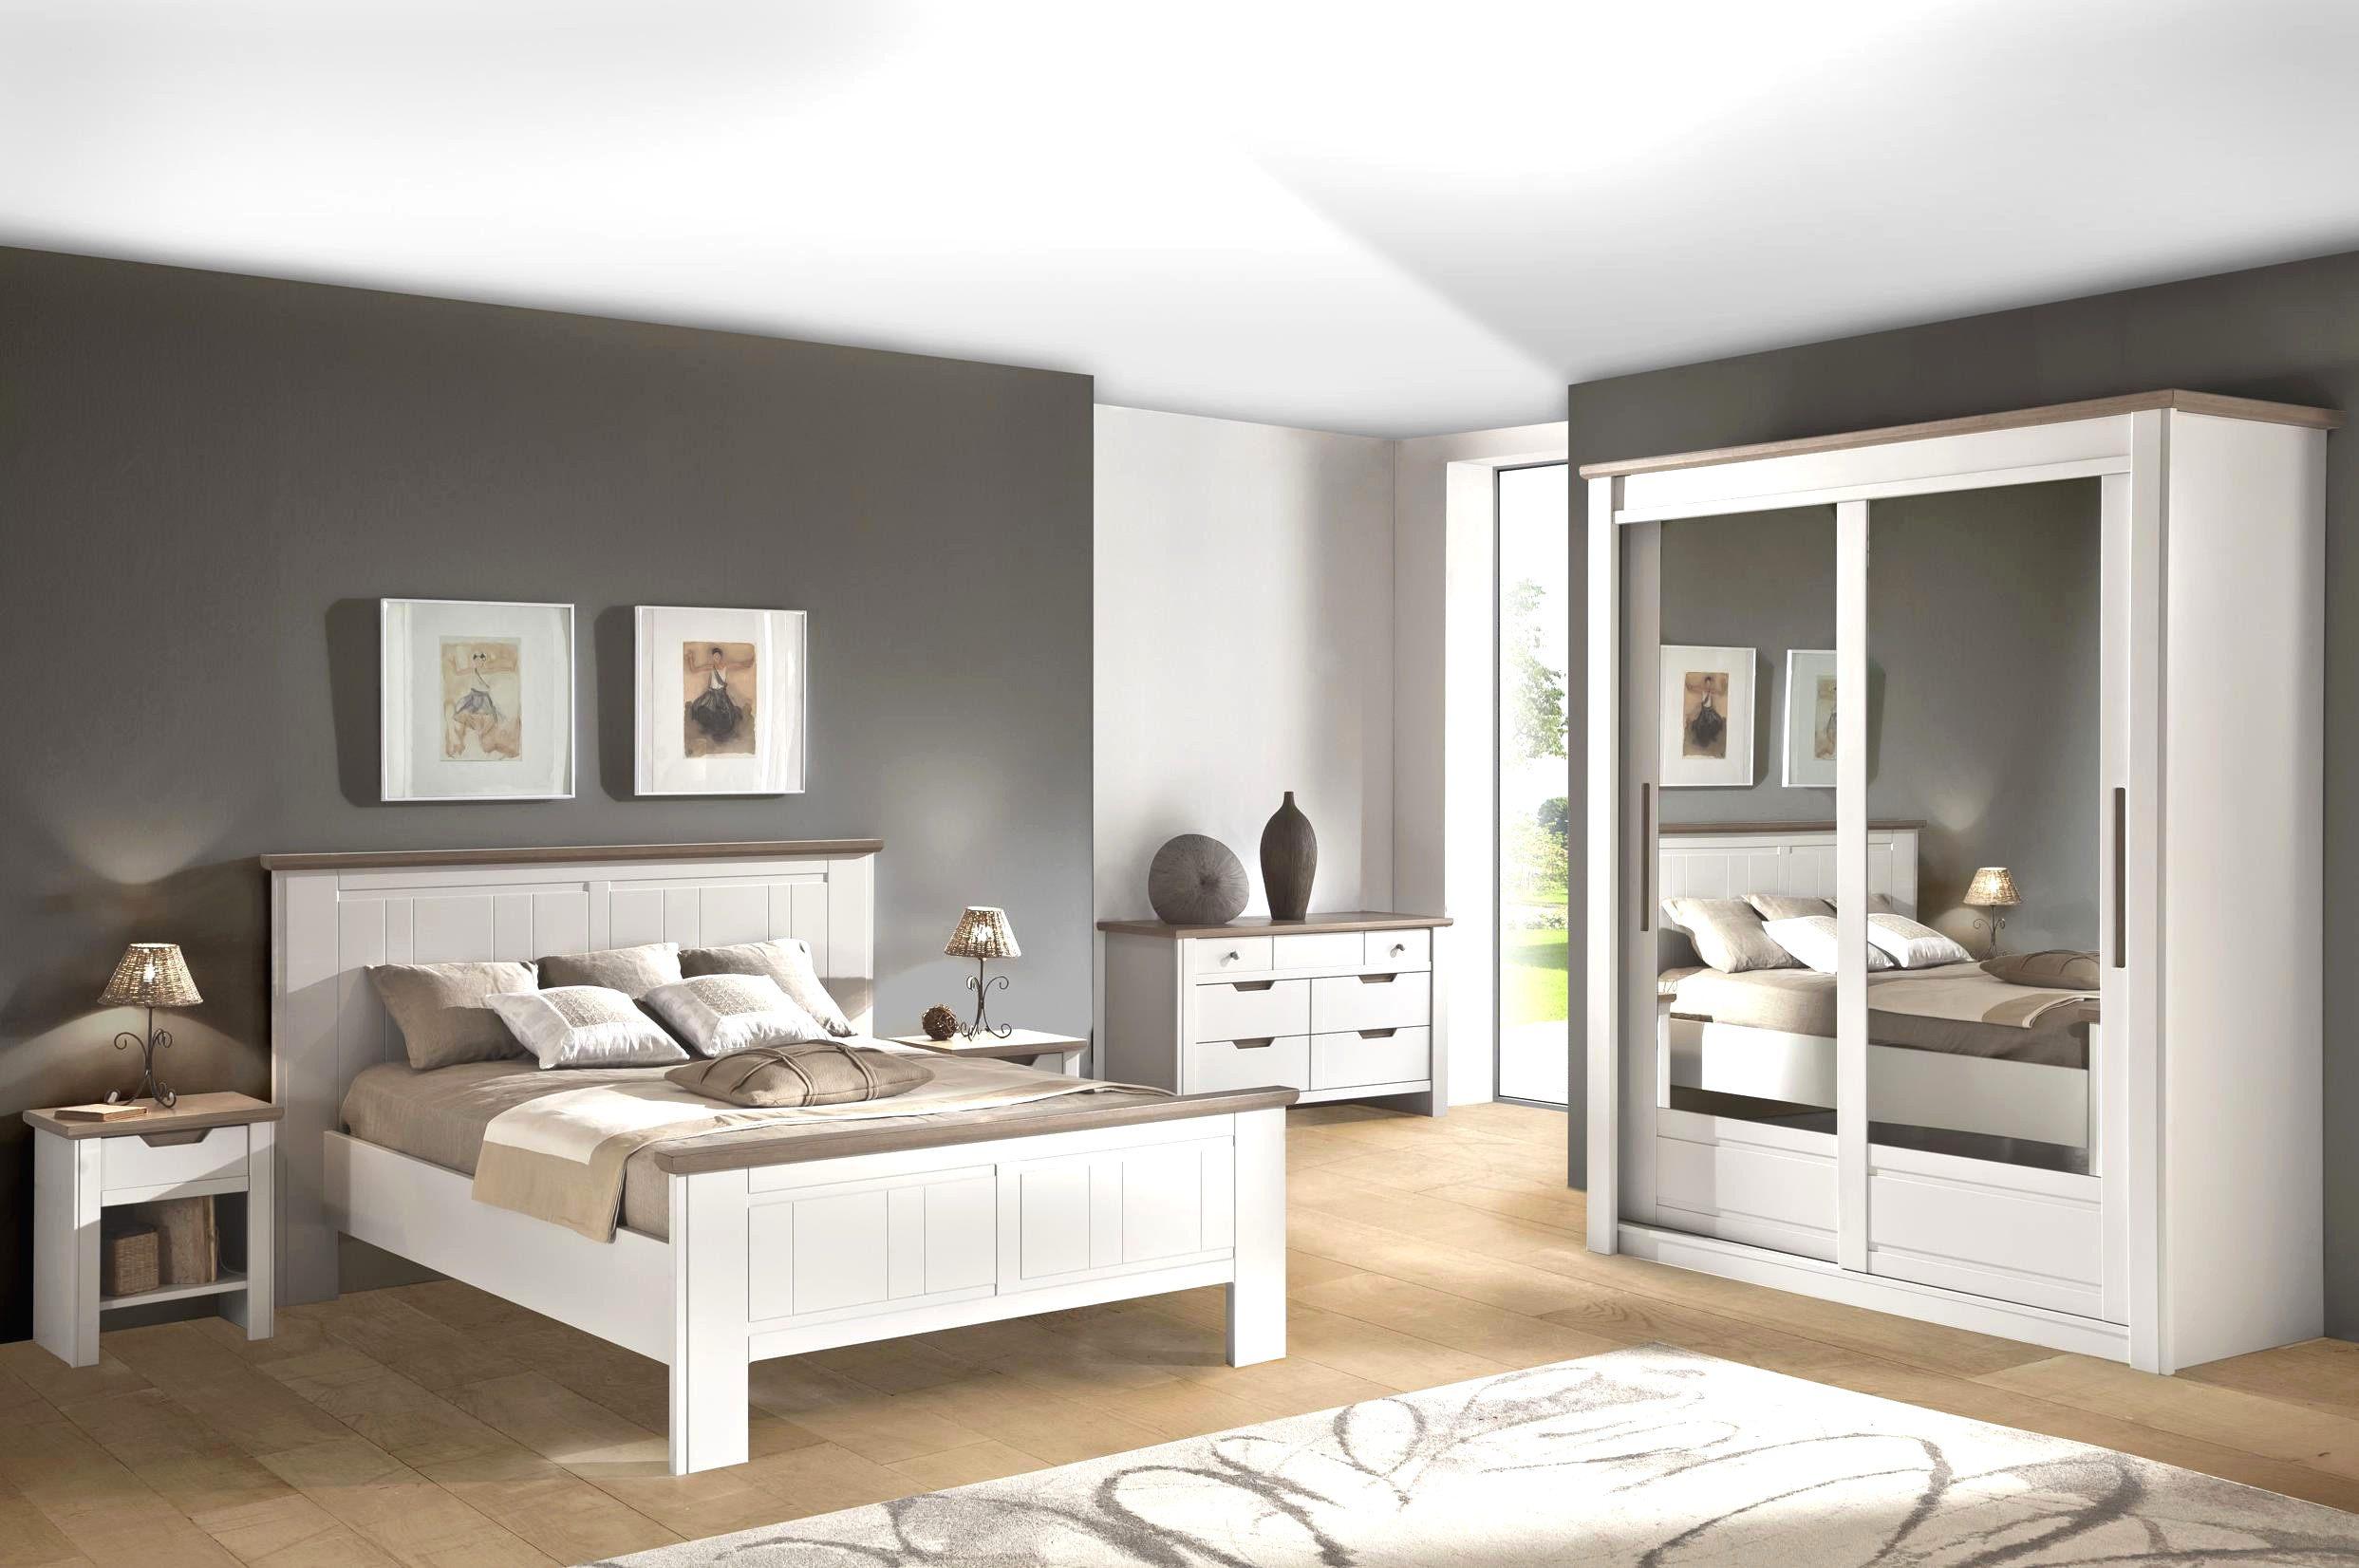 Lit Coffre Capitonné Luxe Sumptuous Design Lit Noir 64 org Avec Crafty Design Lit Noir 2 Et